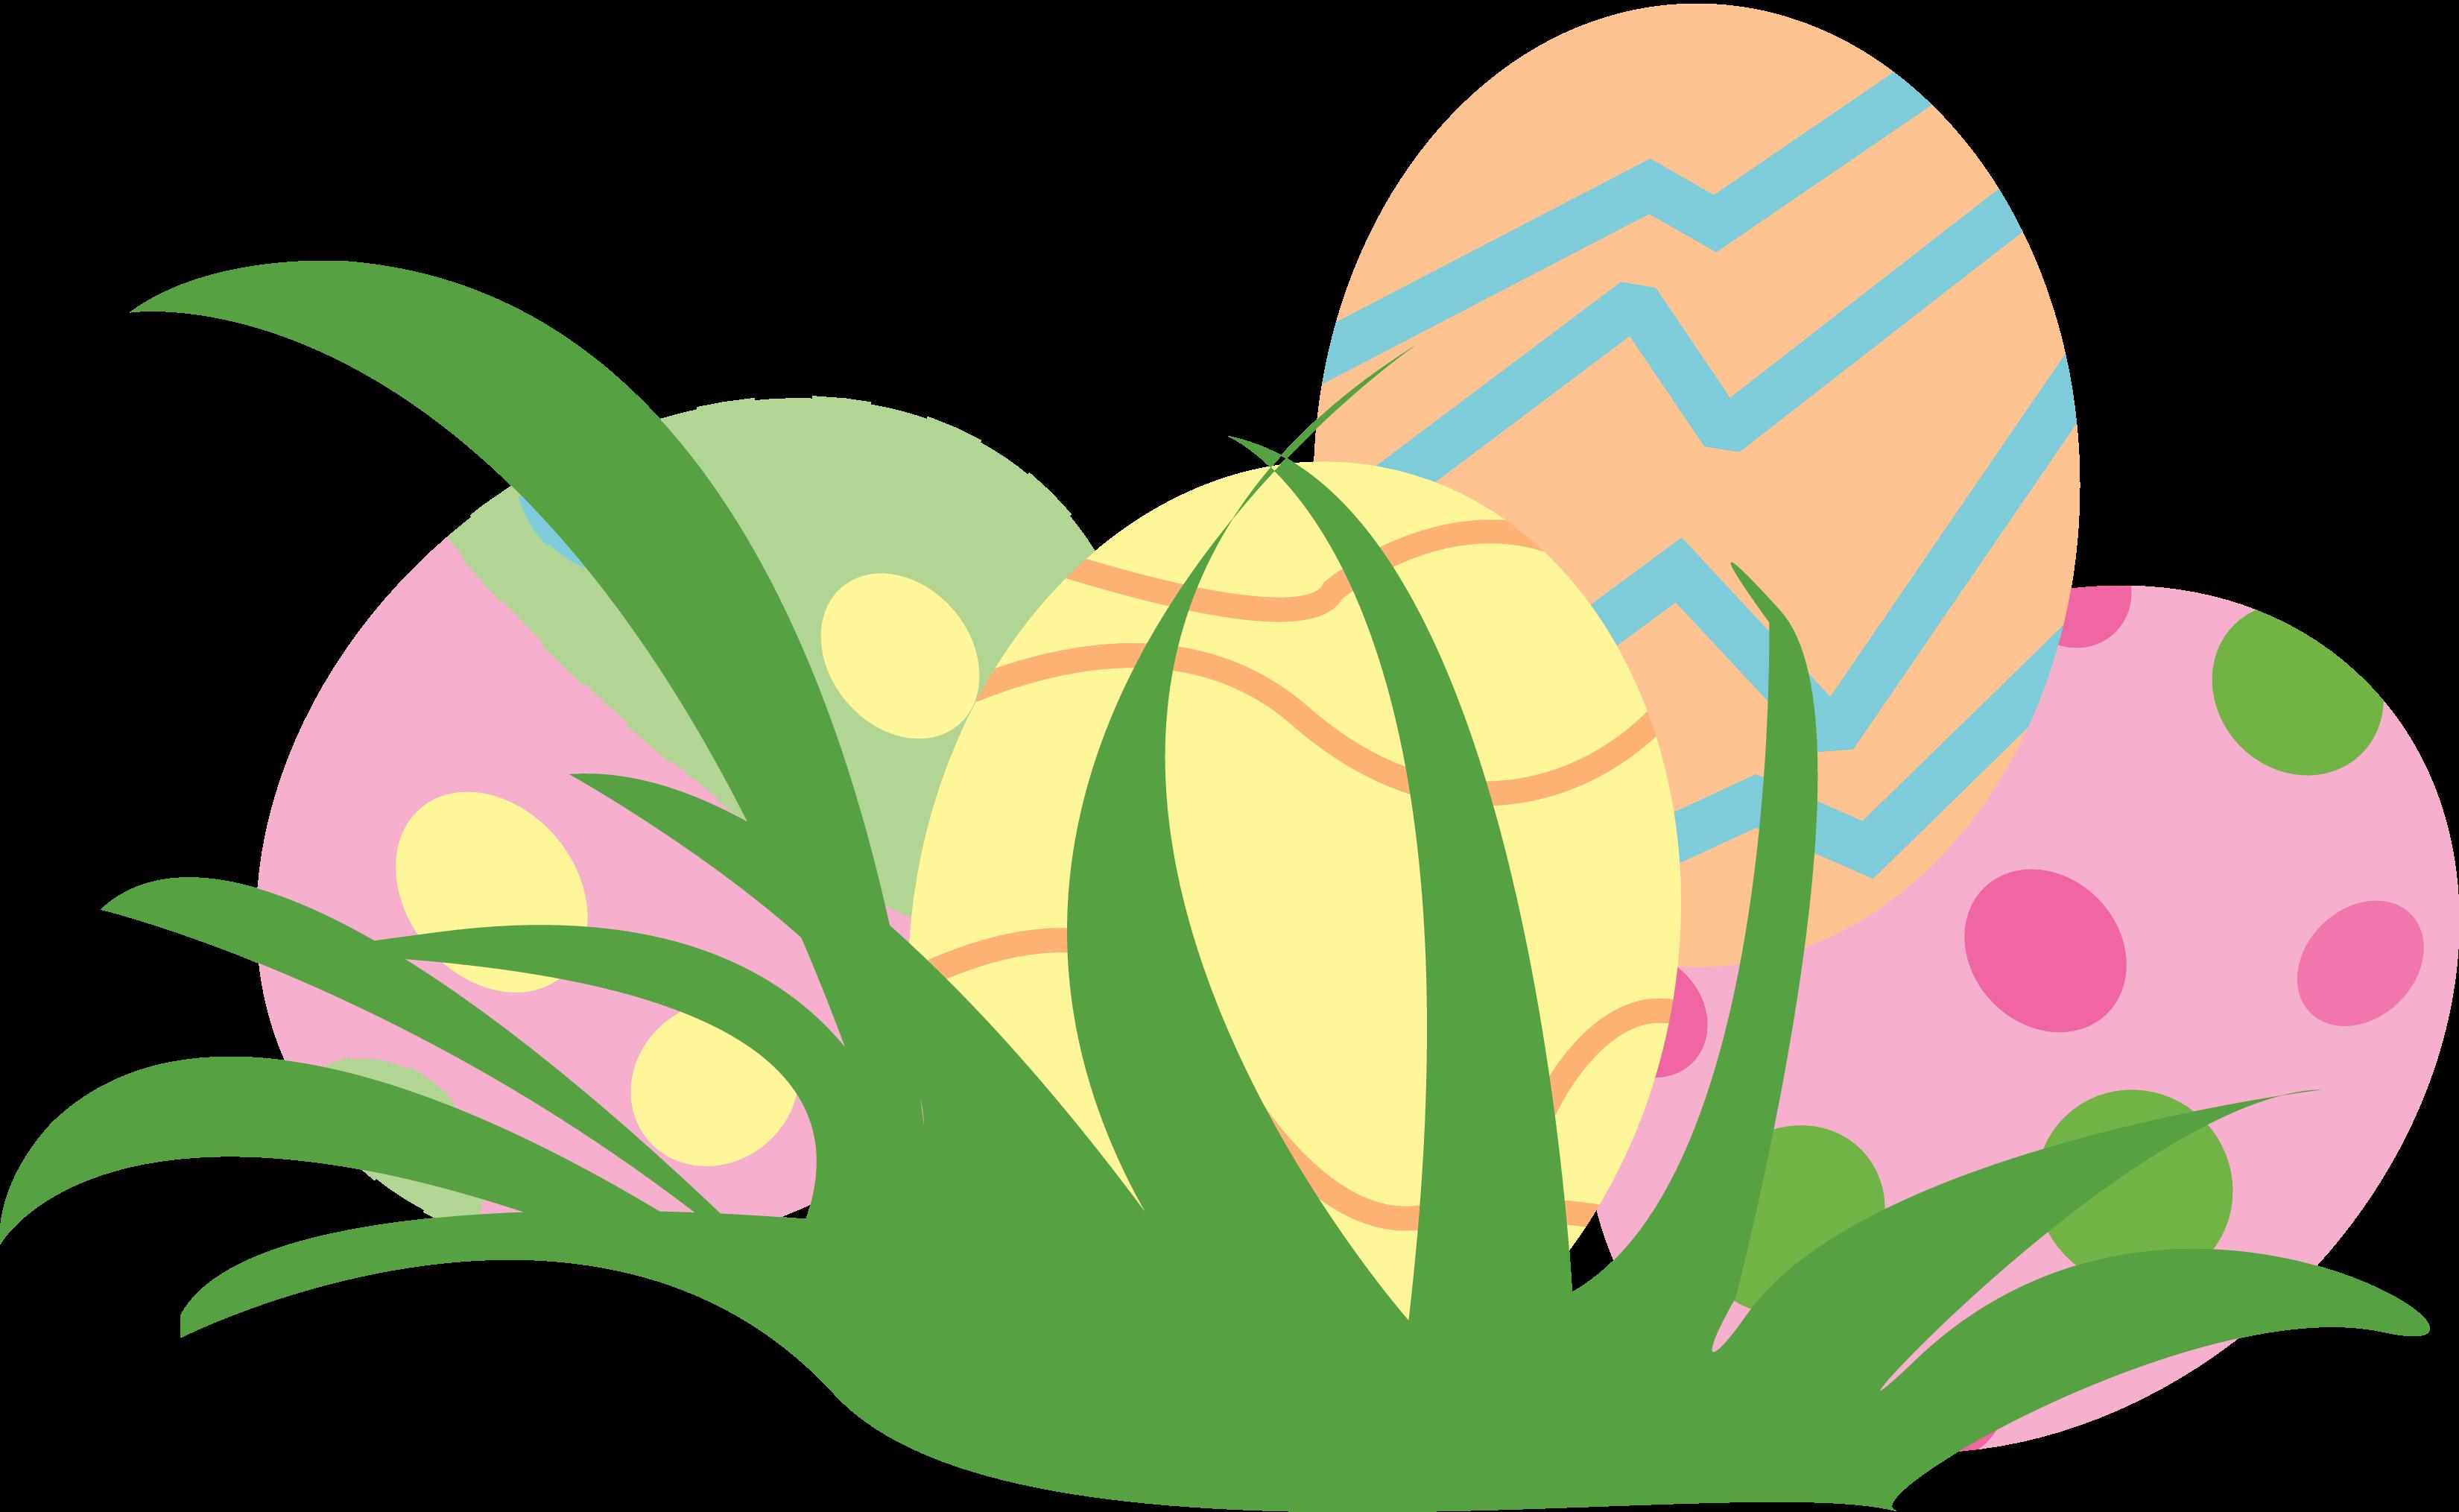 E clipart egg clipart. Easter eggs in grass